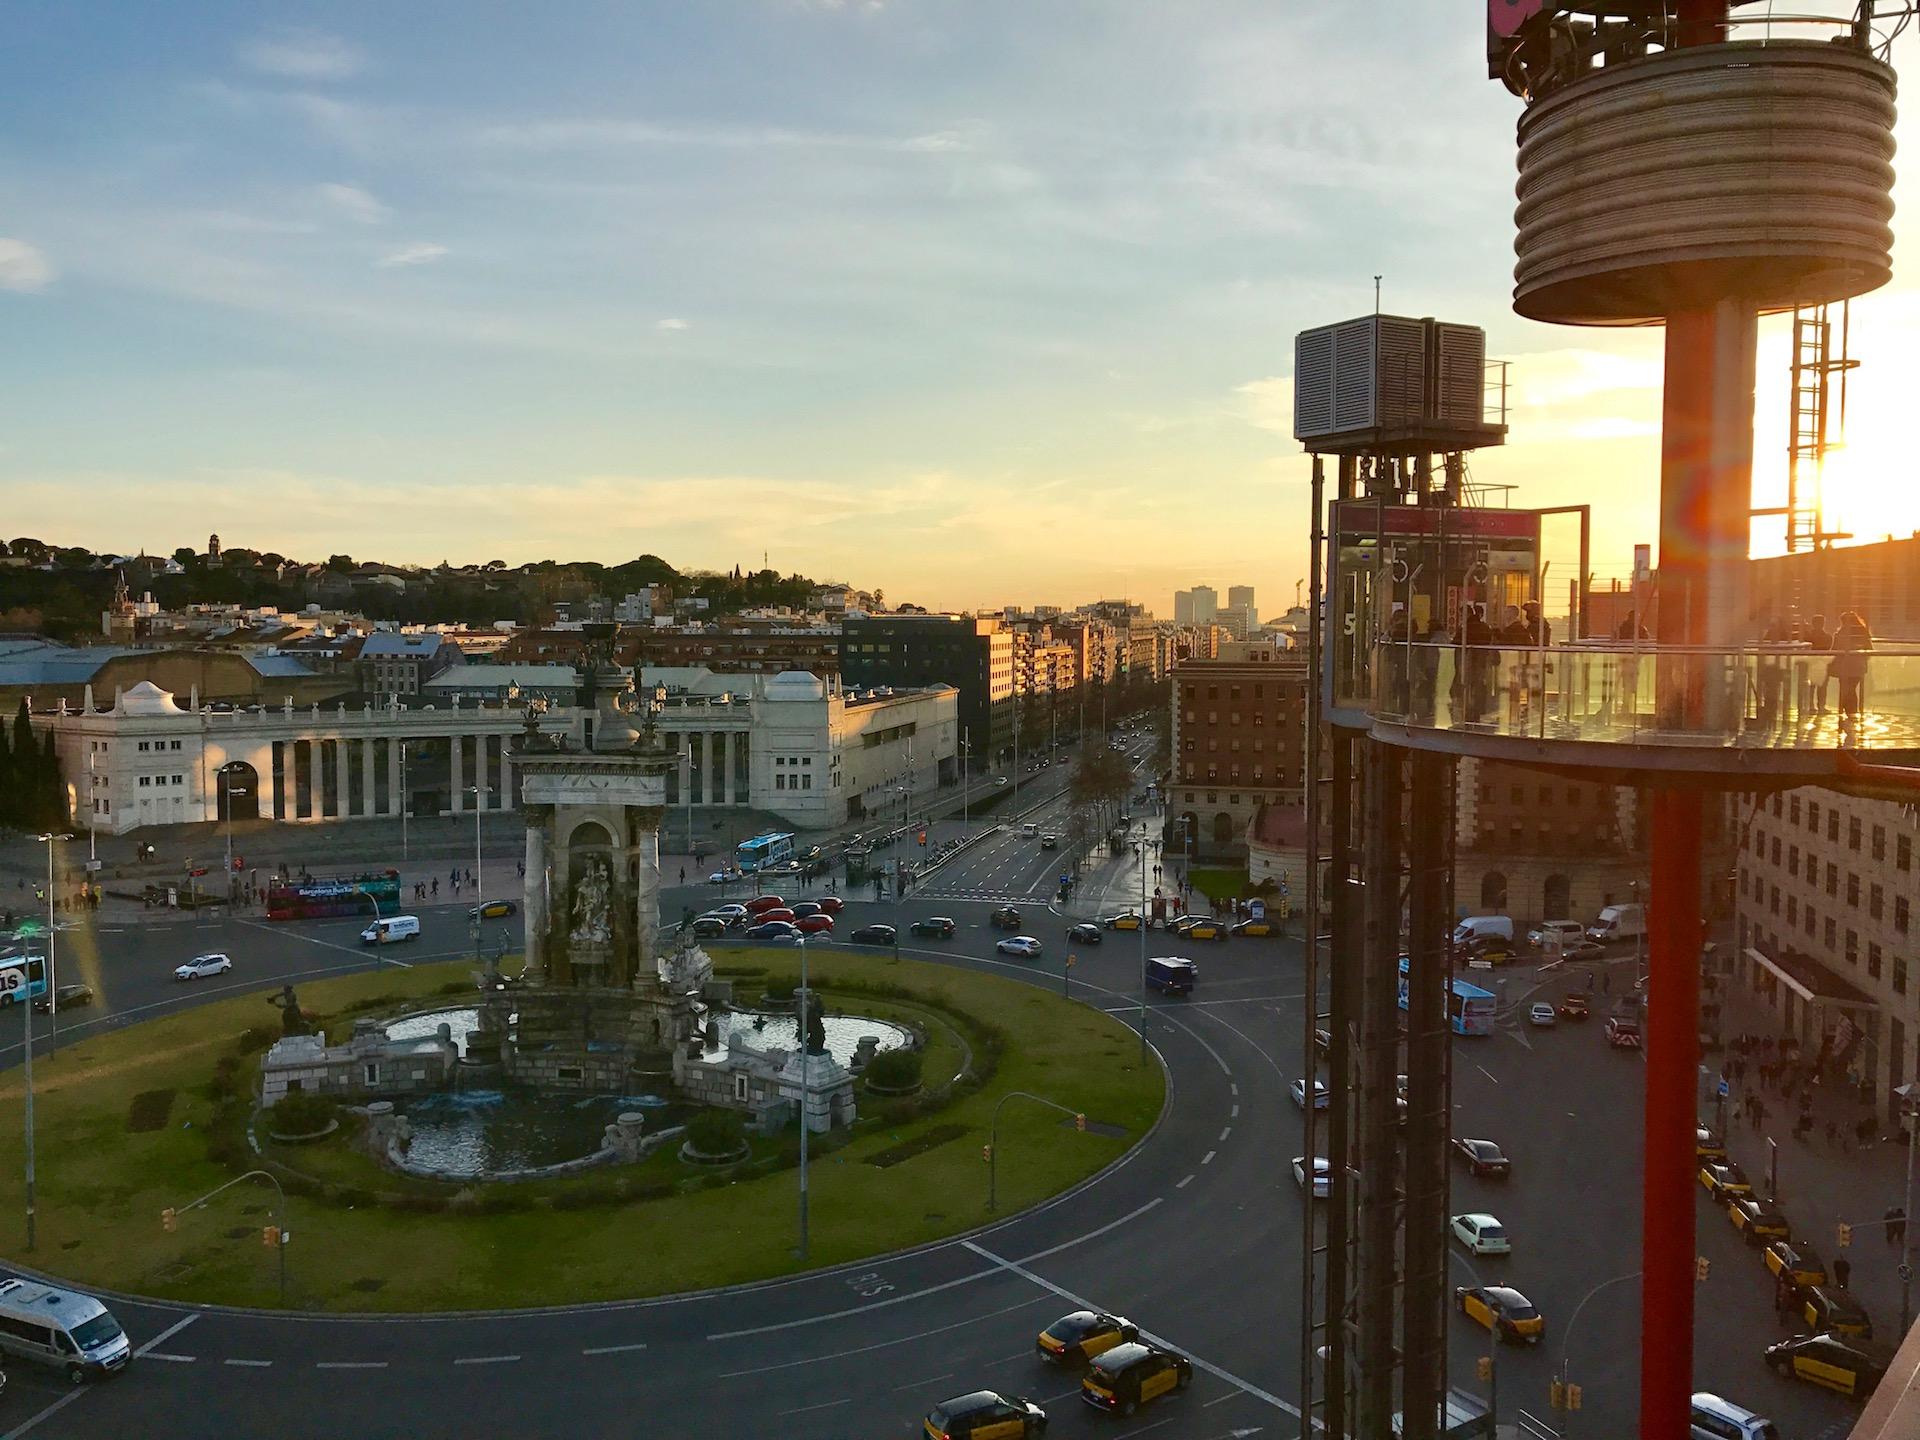 Der Plaça Espanya kurz vor dem Sonnenuntergang. Gut zu erreichen mit dem 10er Ticket!